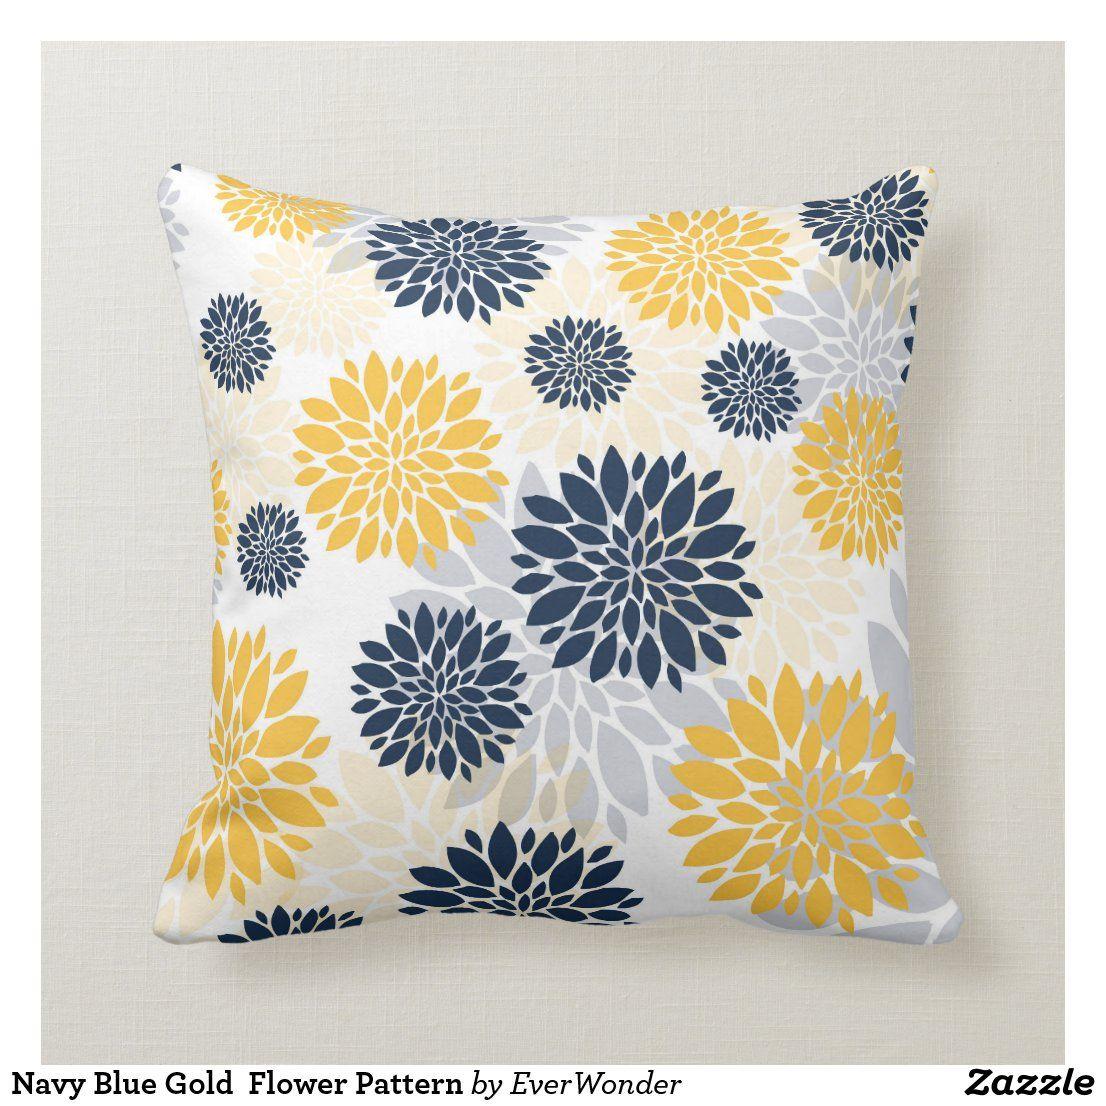 Navy Blue Gold Flower Pattern Throw Pillow Zazzle Com In 2020 Patterned Throw Pillows Throw Pillows Gold Flowers